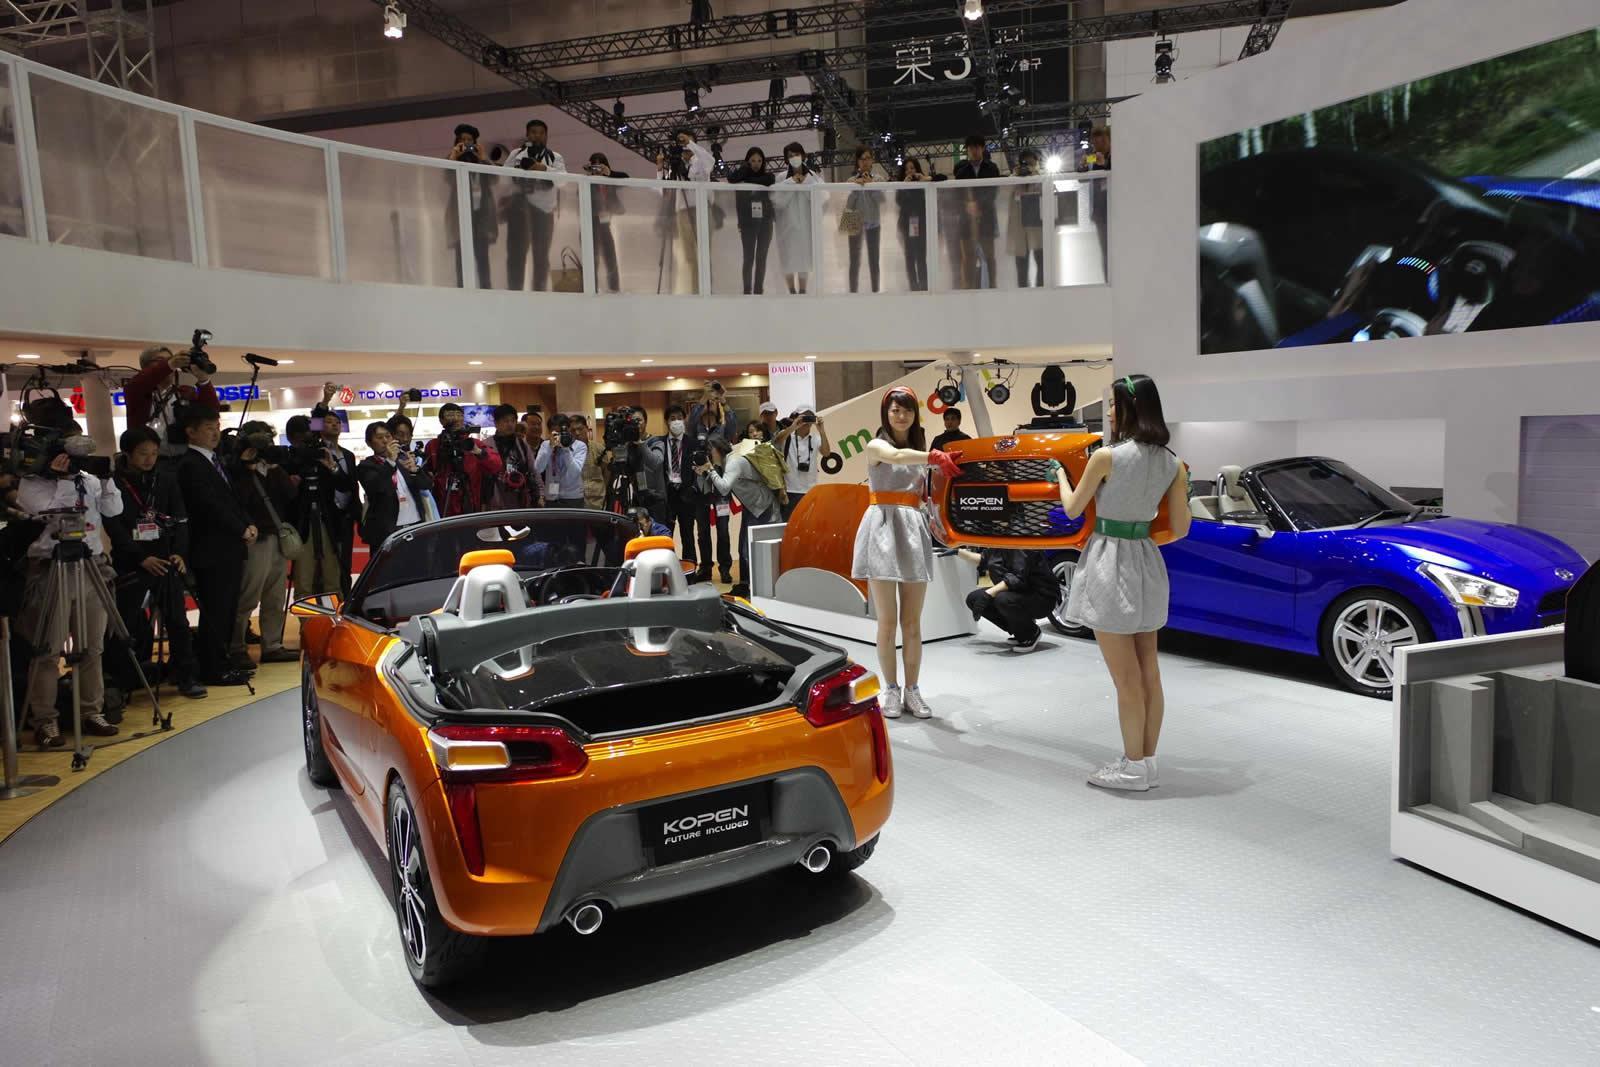 Daihatsu Kopen concept Tokyo